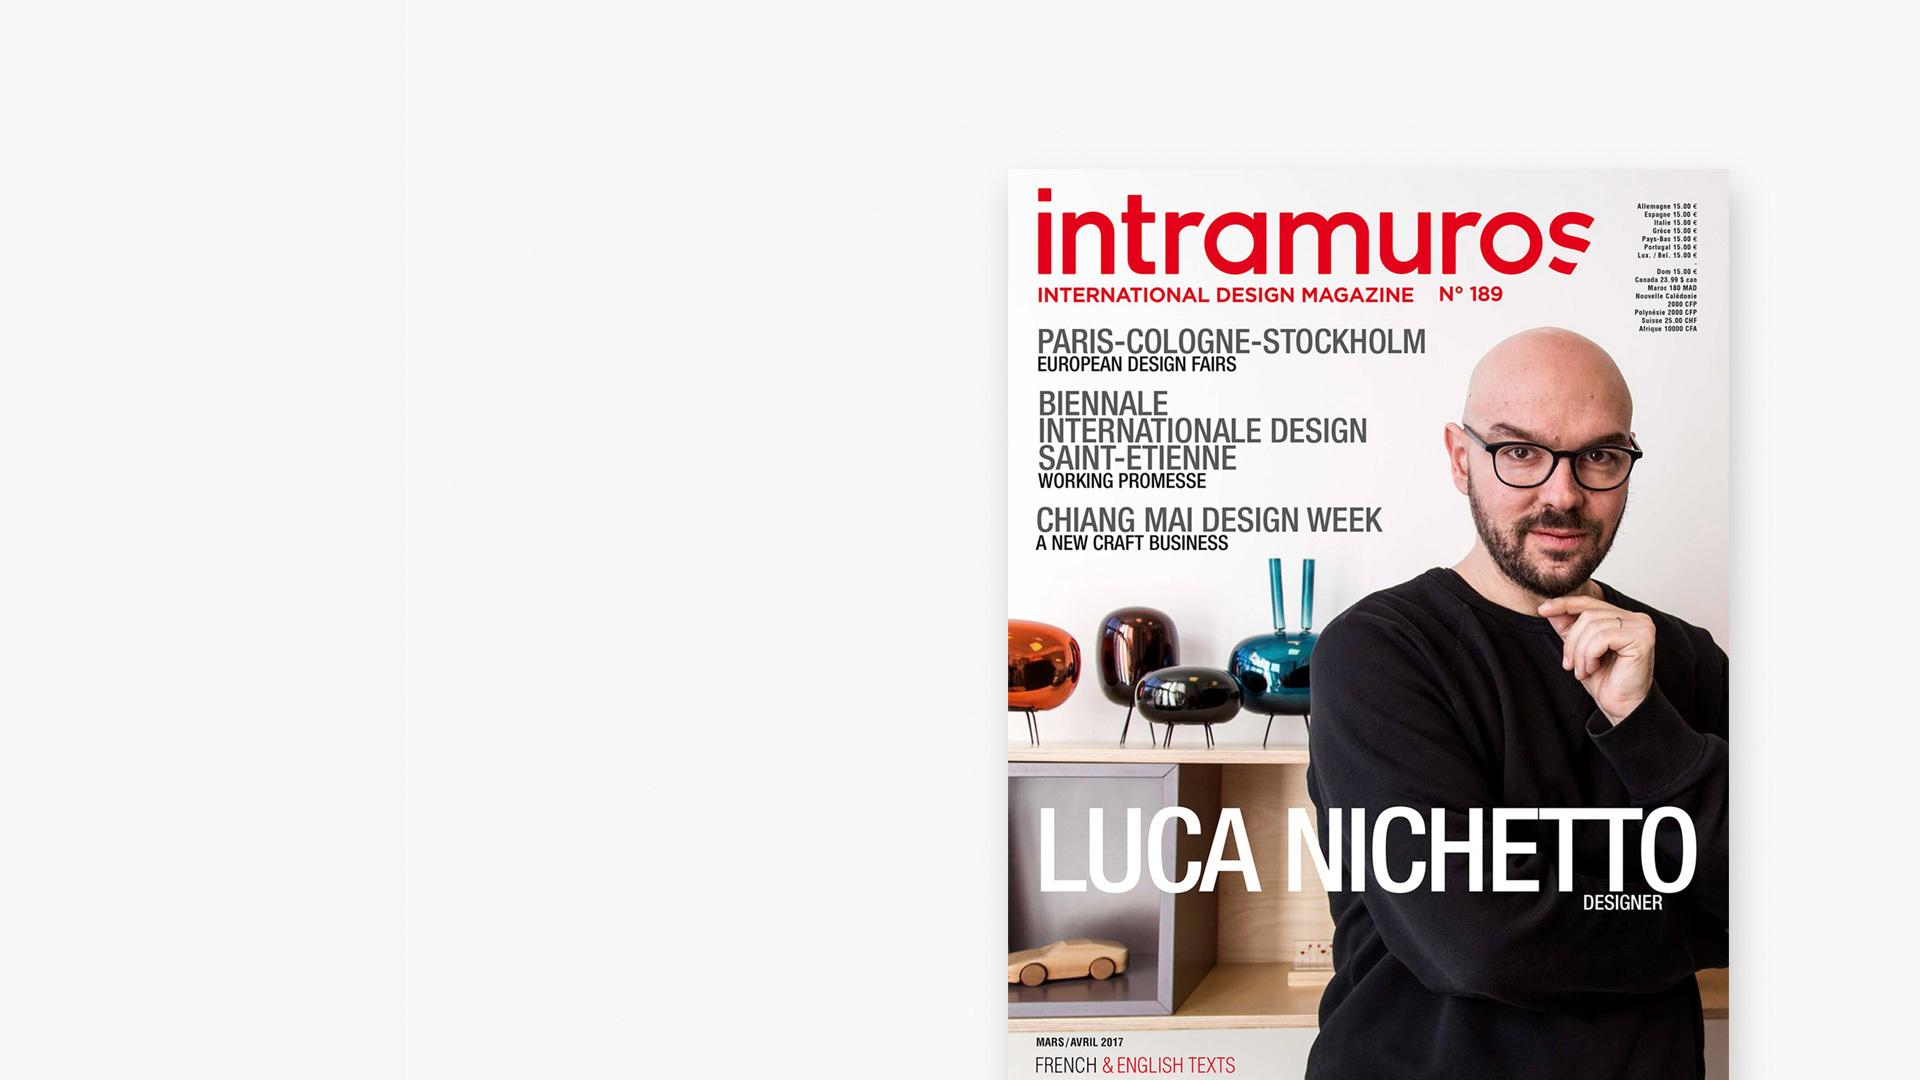 法国唯一全国性专业媒体<br/>封面设计师专题报道